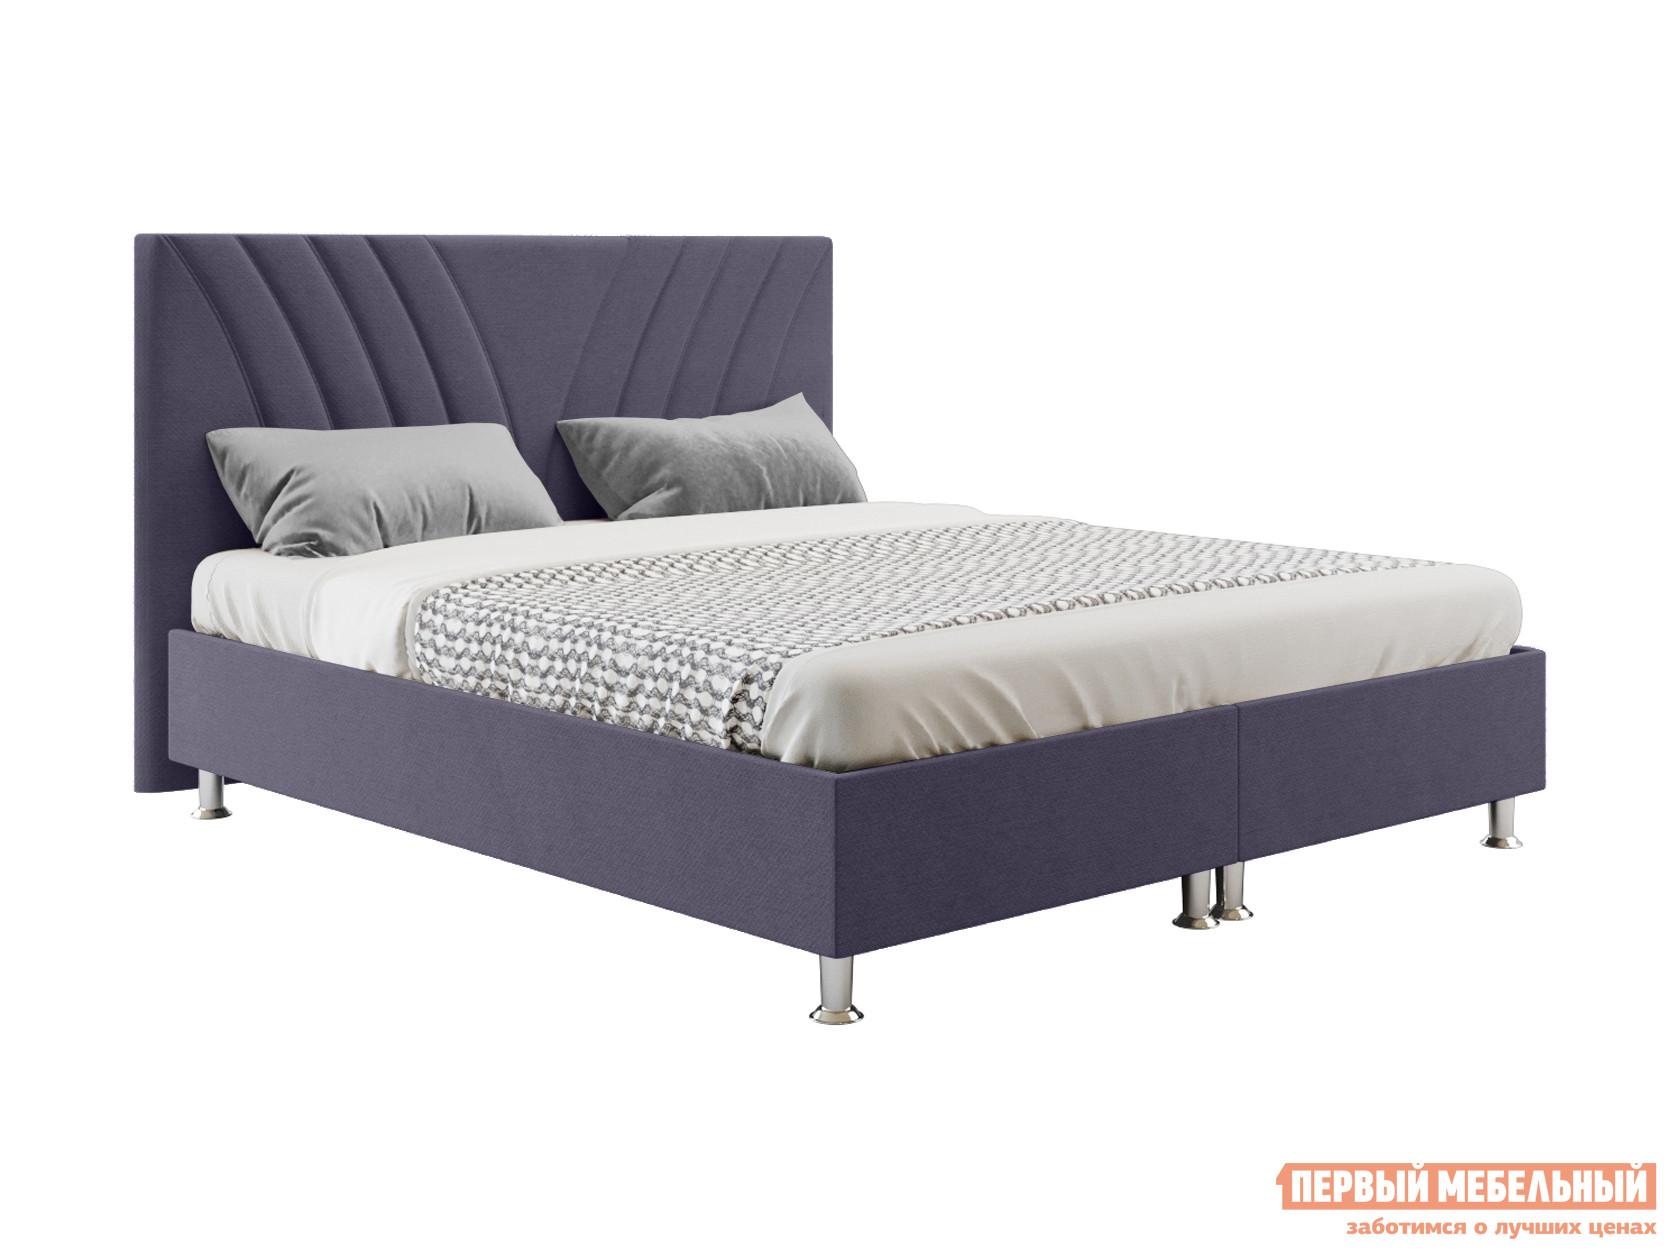 Двуспальная кровать  Кровать Версо с подъемным механизмом 140х200, 160х200, 180х200, 200х200 Синий, 180х200 см